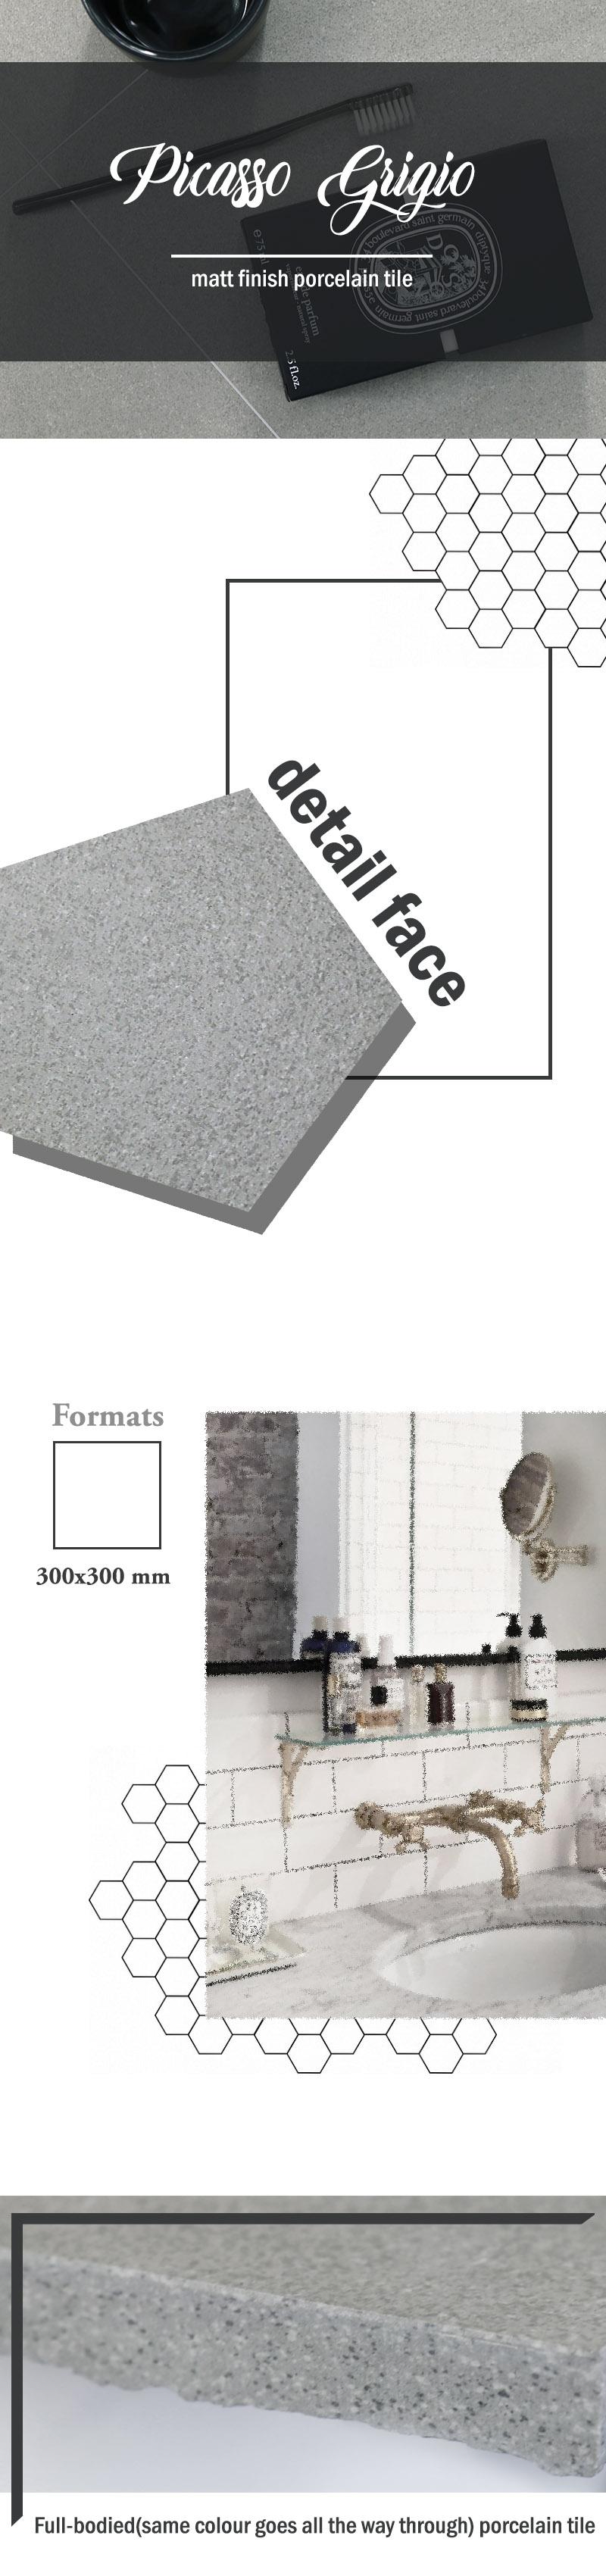 Picasso grigio matt 3x3 web page